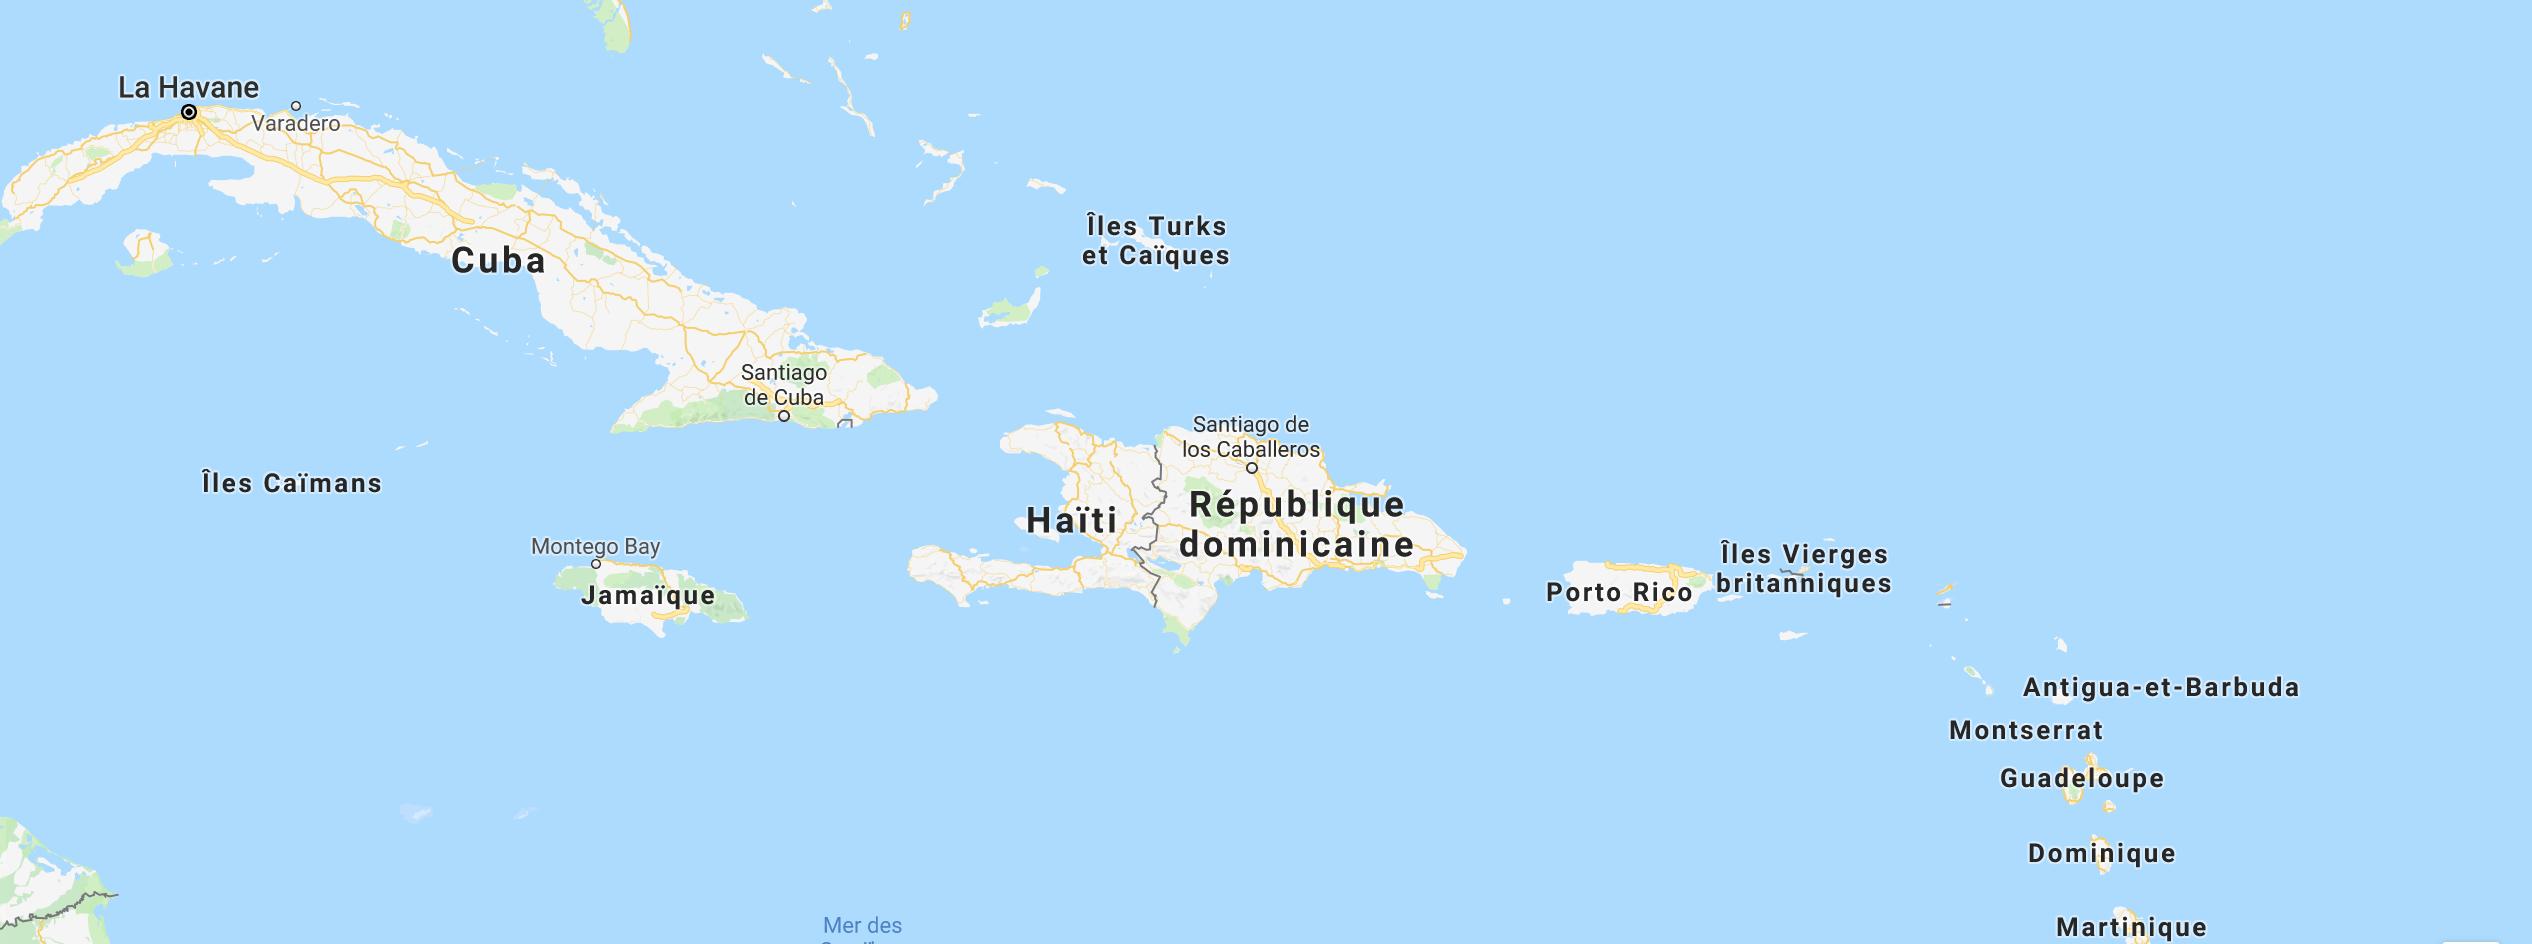 carte republique dominicaine.png